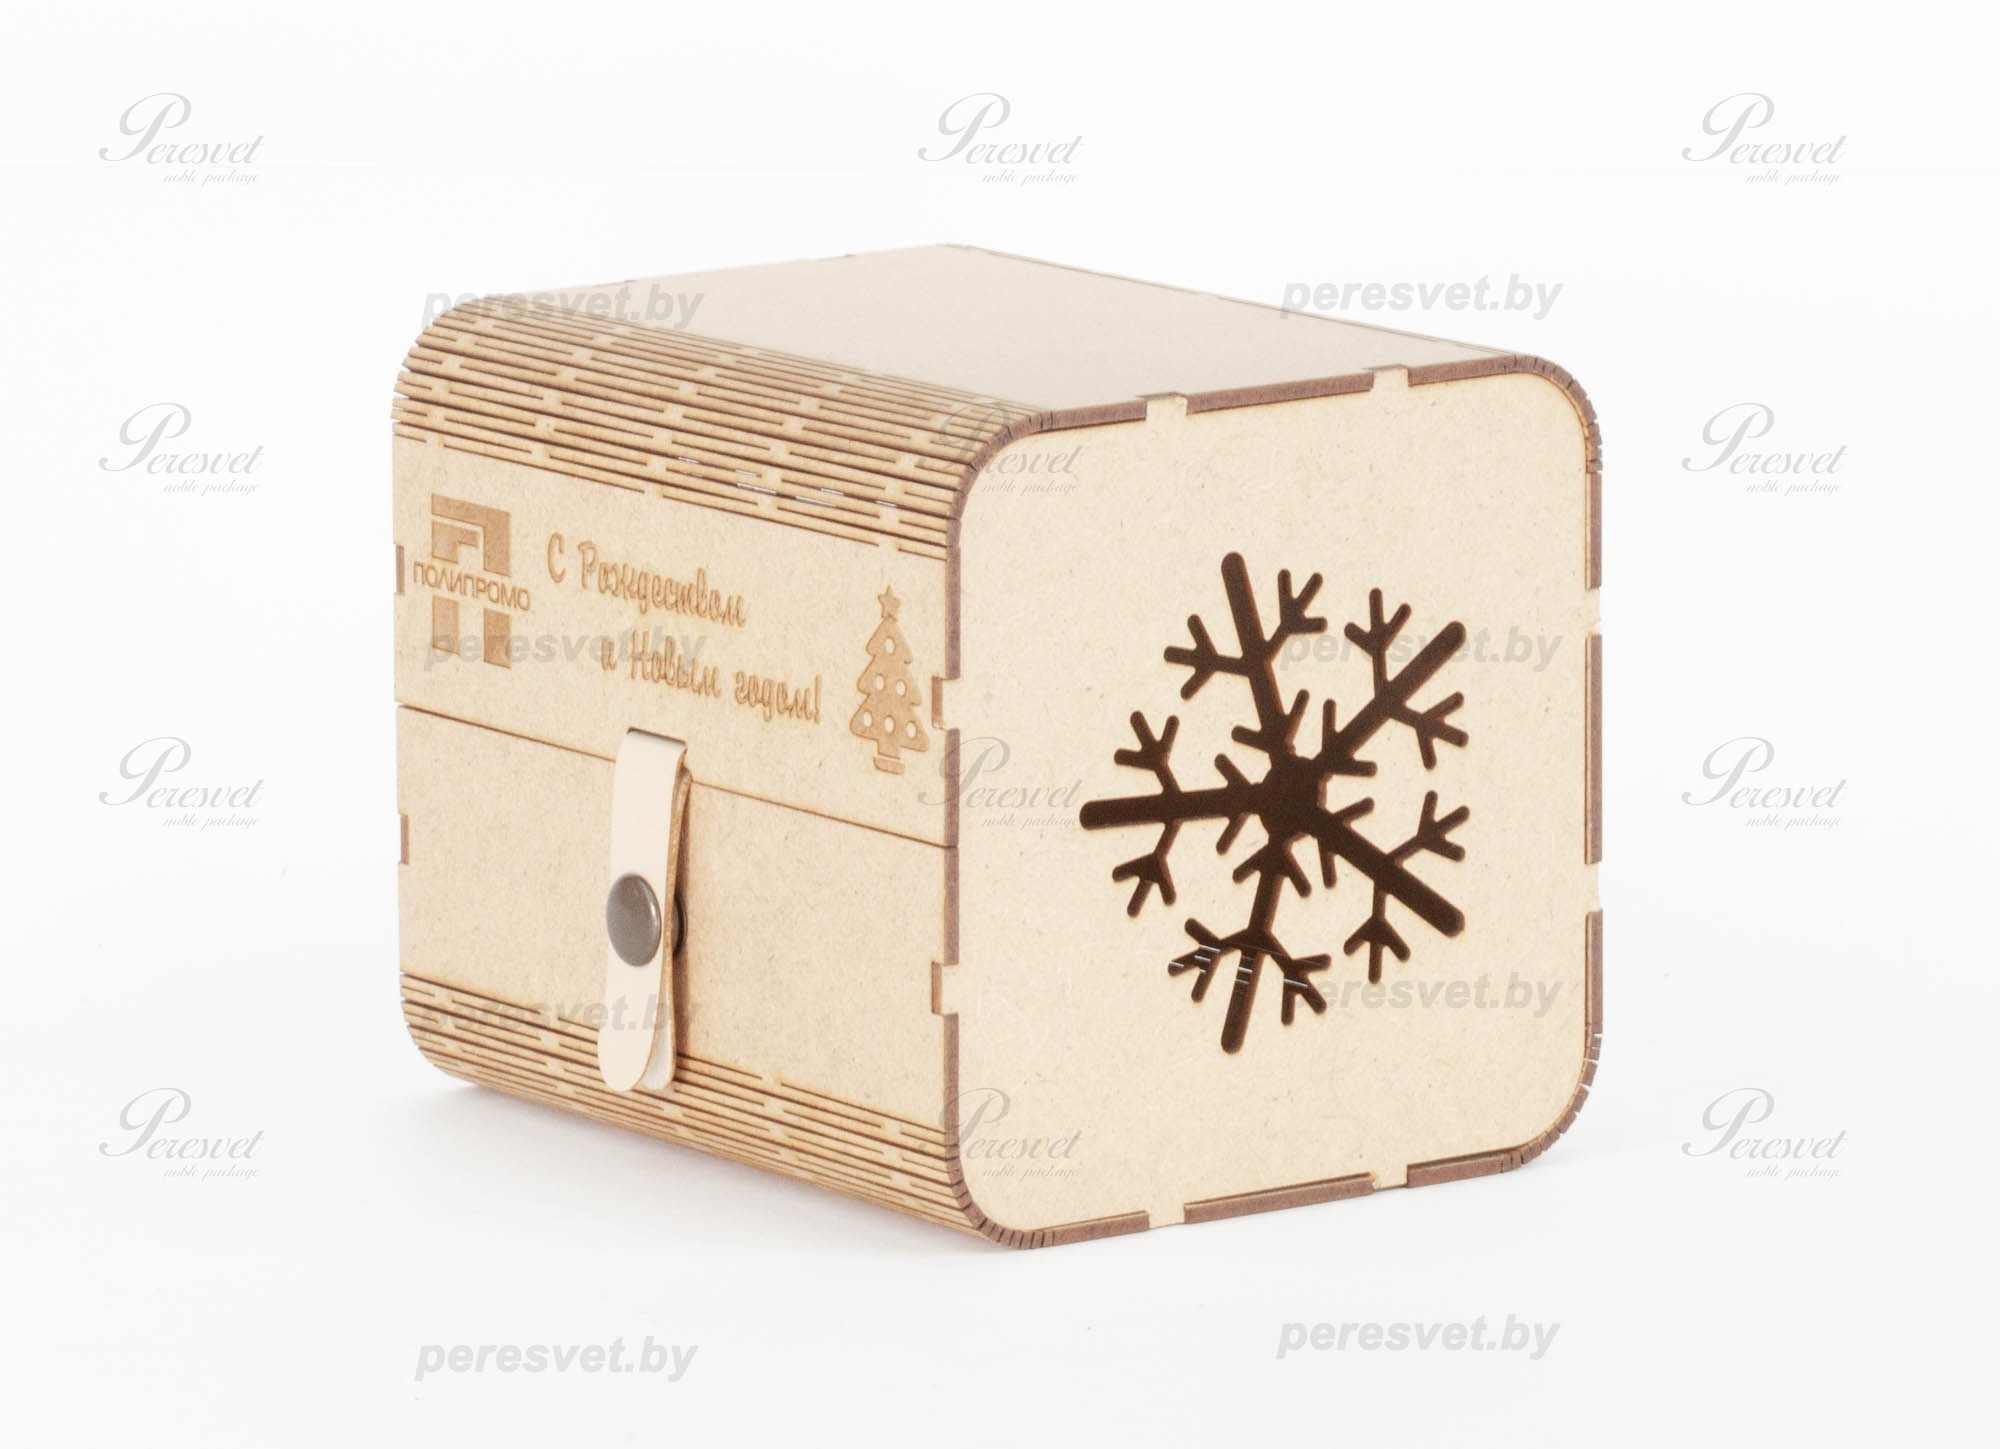 новогодняя упаковка под конфеты С Новым Годом из крафтфанеры на peresvet.by